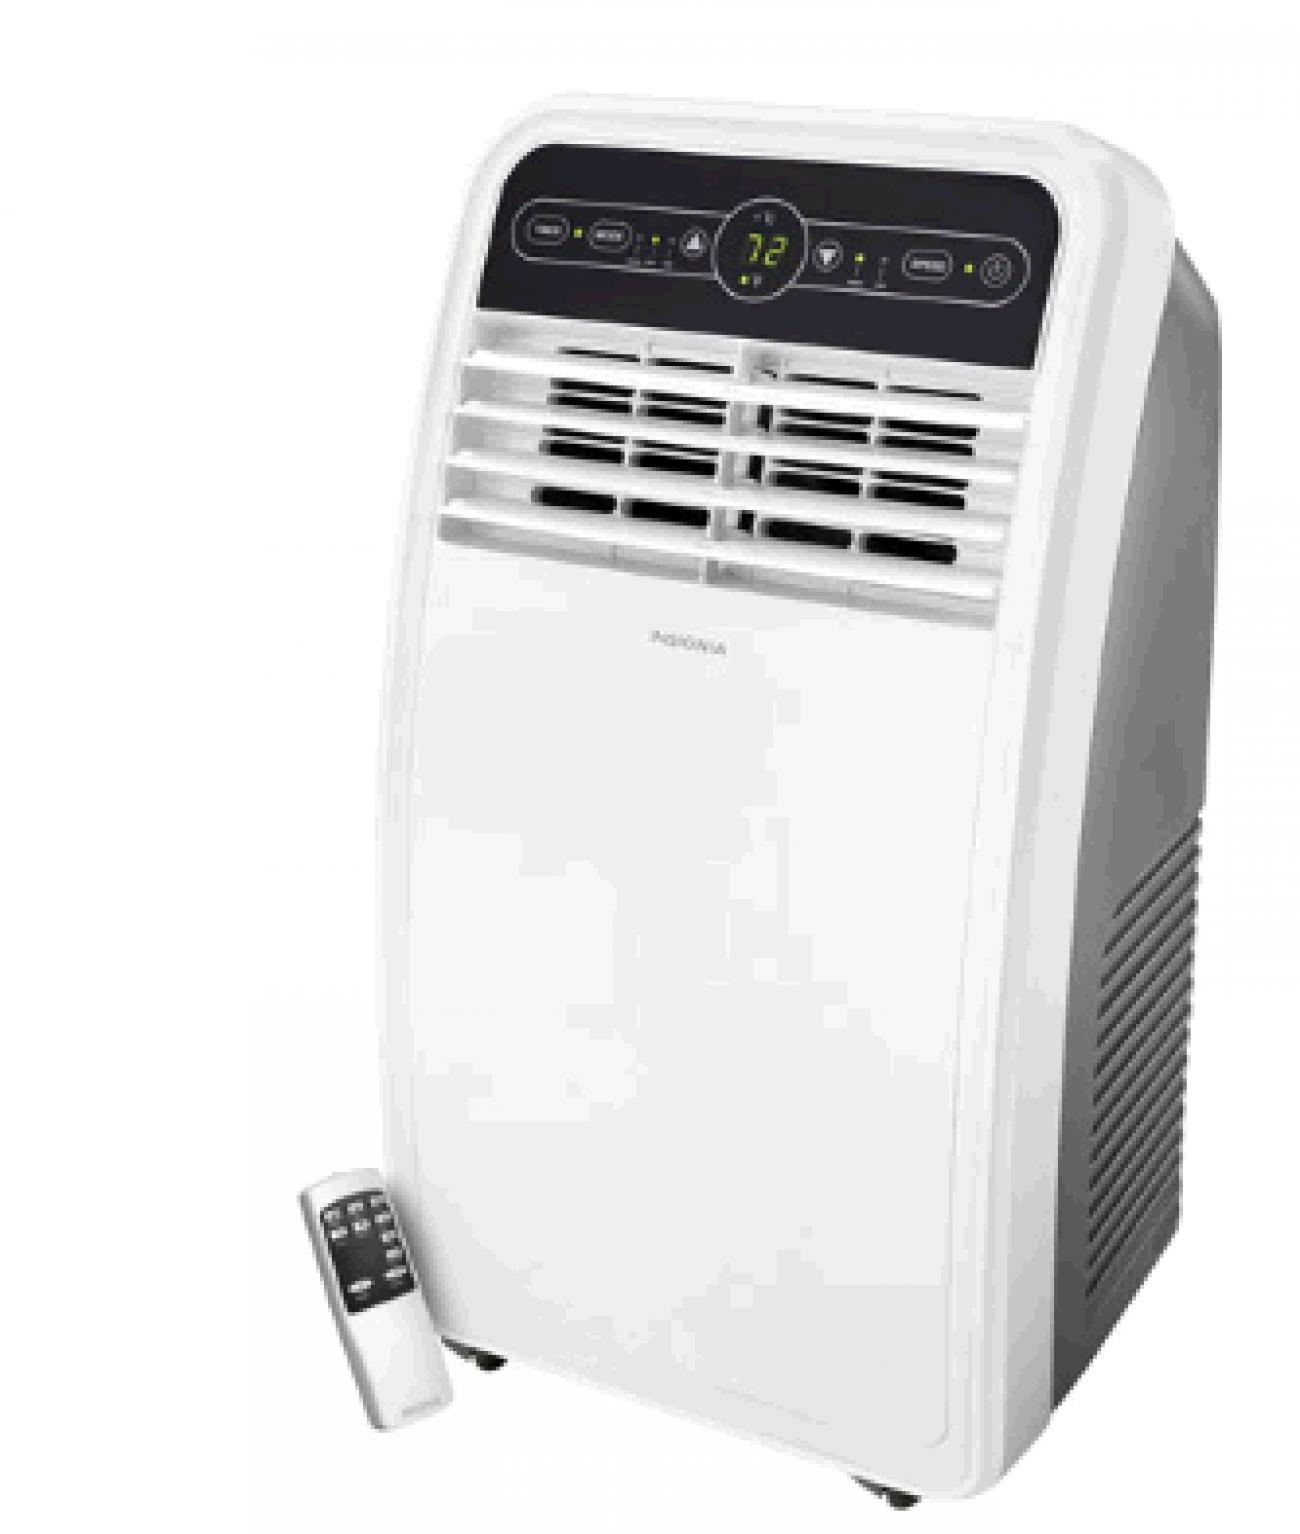 Insignia Portable Air Conditioner 8000 Btu Start